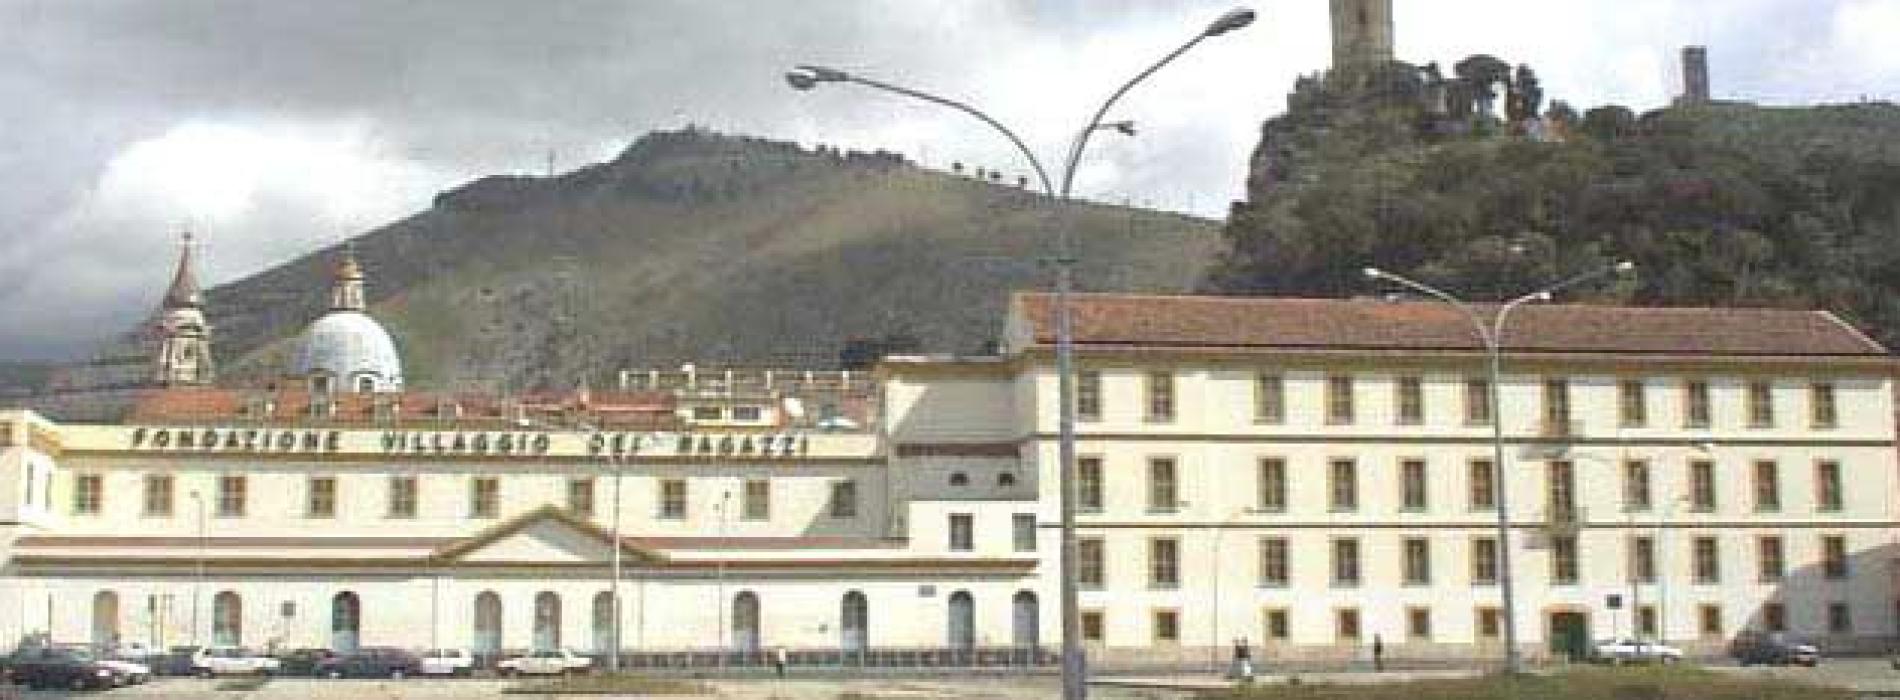 Villaggio dei Ragazzi di Maddaloni. Dalla Regione una boccata d'ossigeno